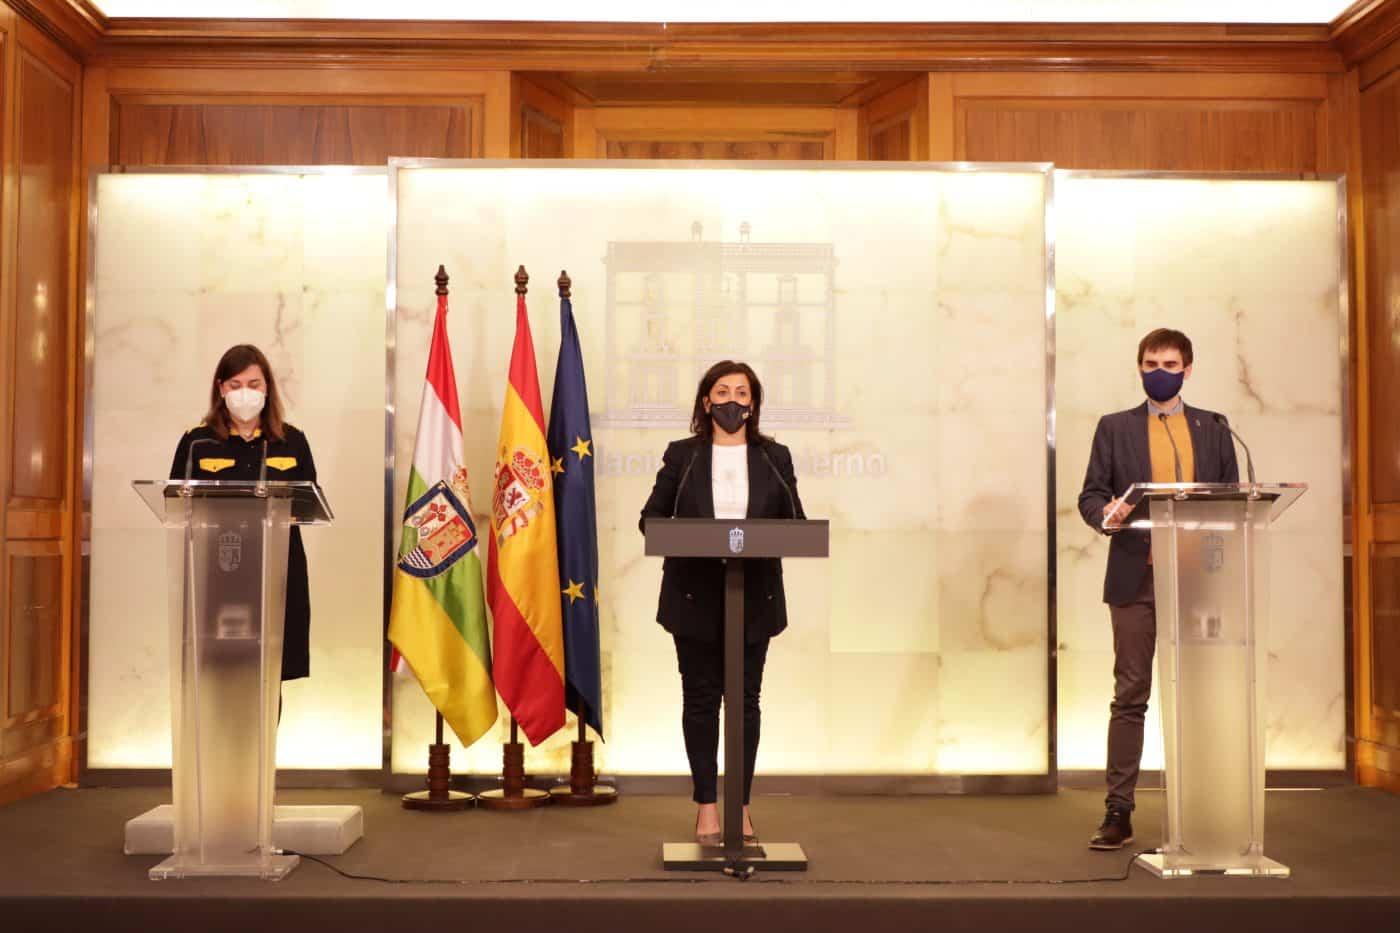 La Rioja cierra todos los servicios no esenciales y confina sus municipios hasta el 23 de febrero 1